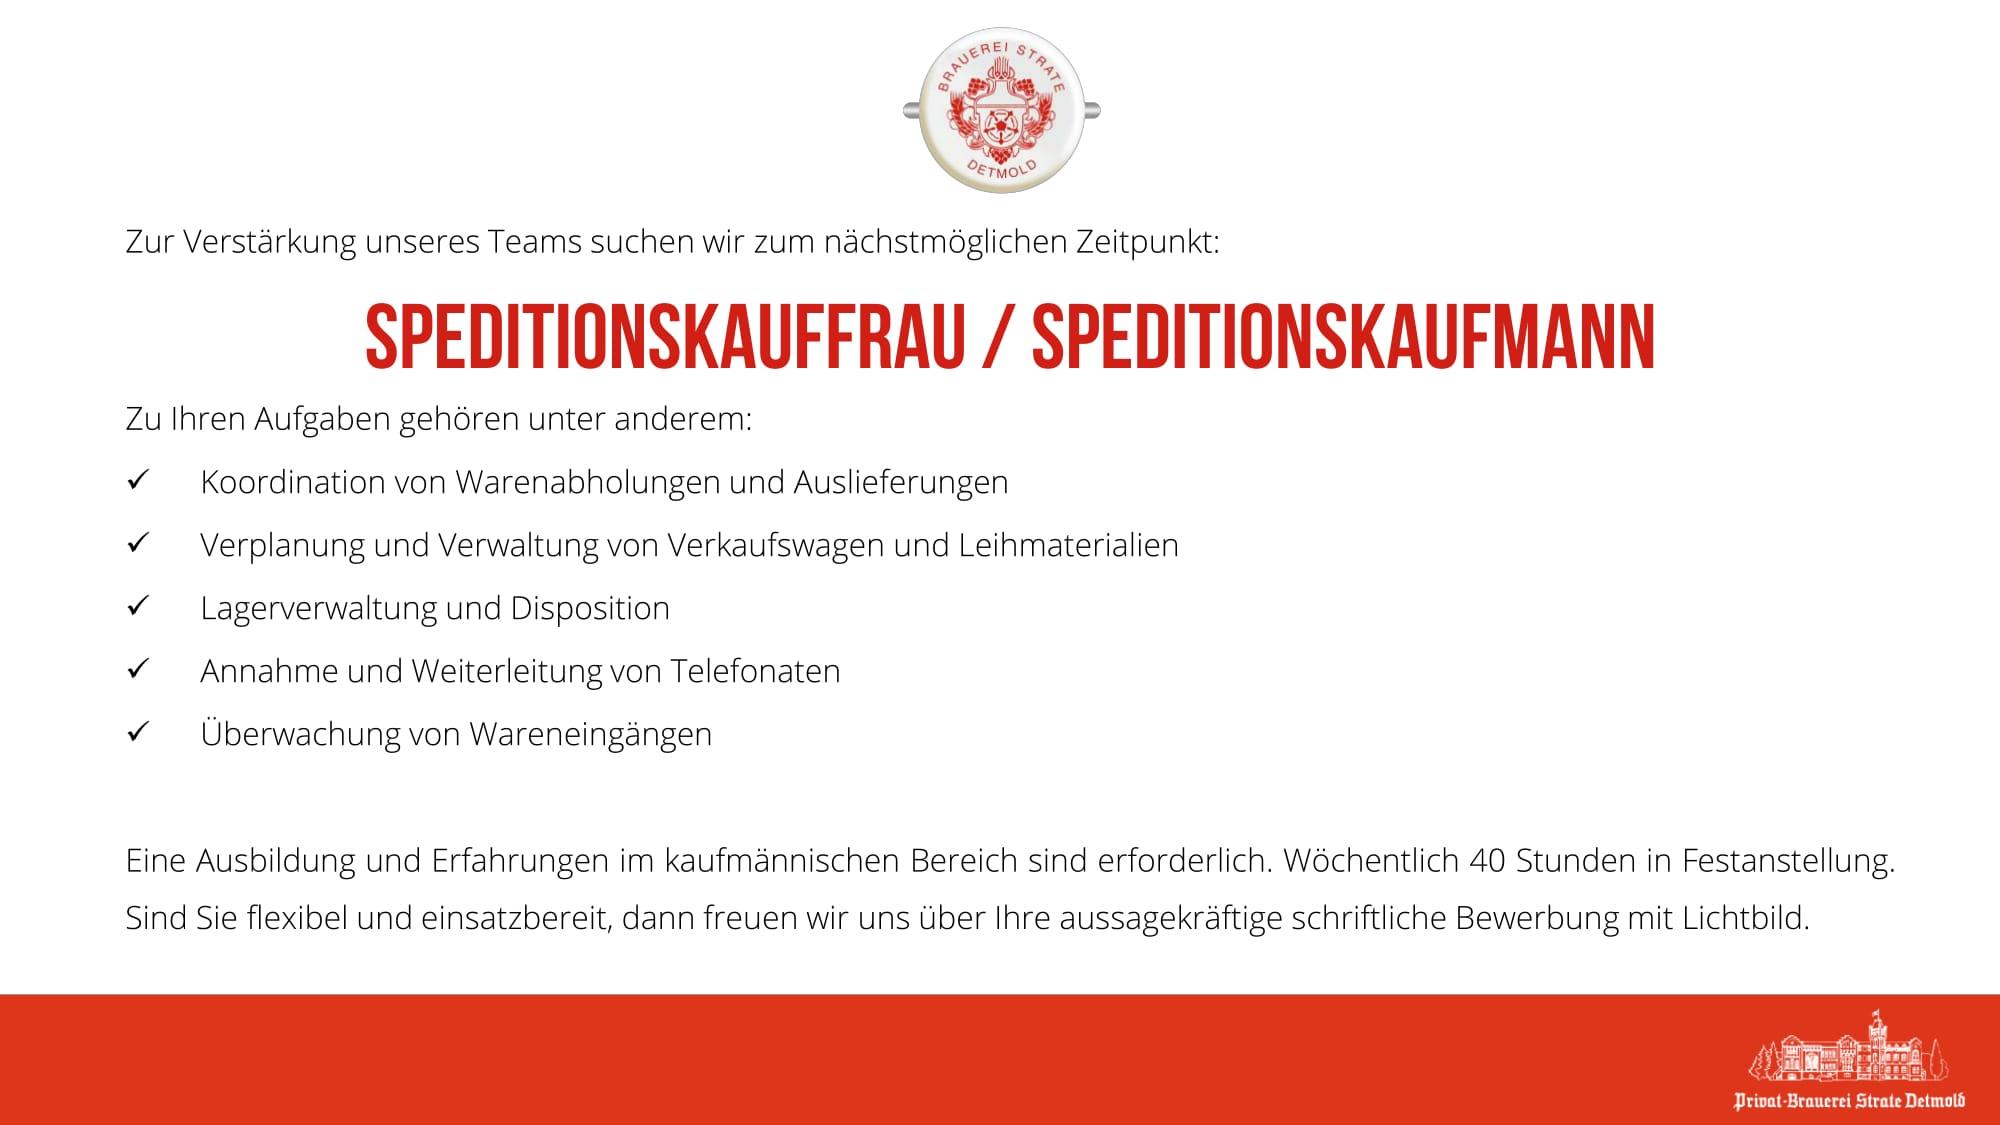 speditionskauffrau speditionskaufmann - Bewerbung Speditionskaufmann